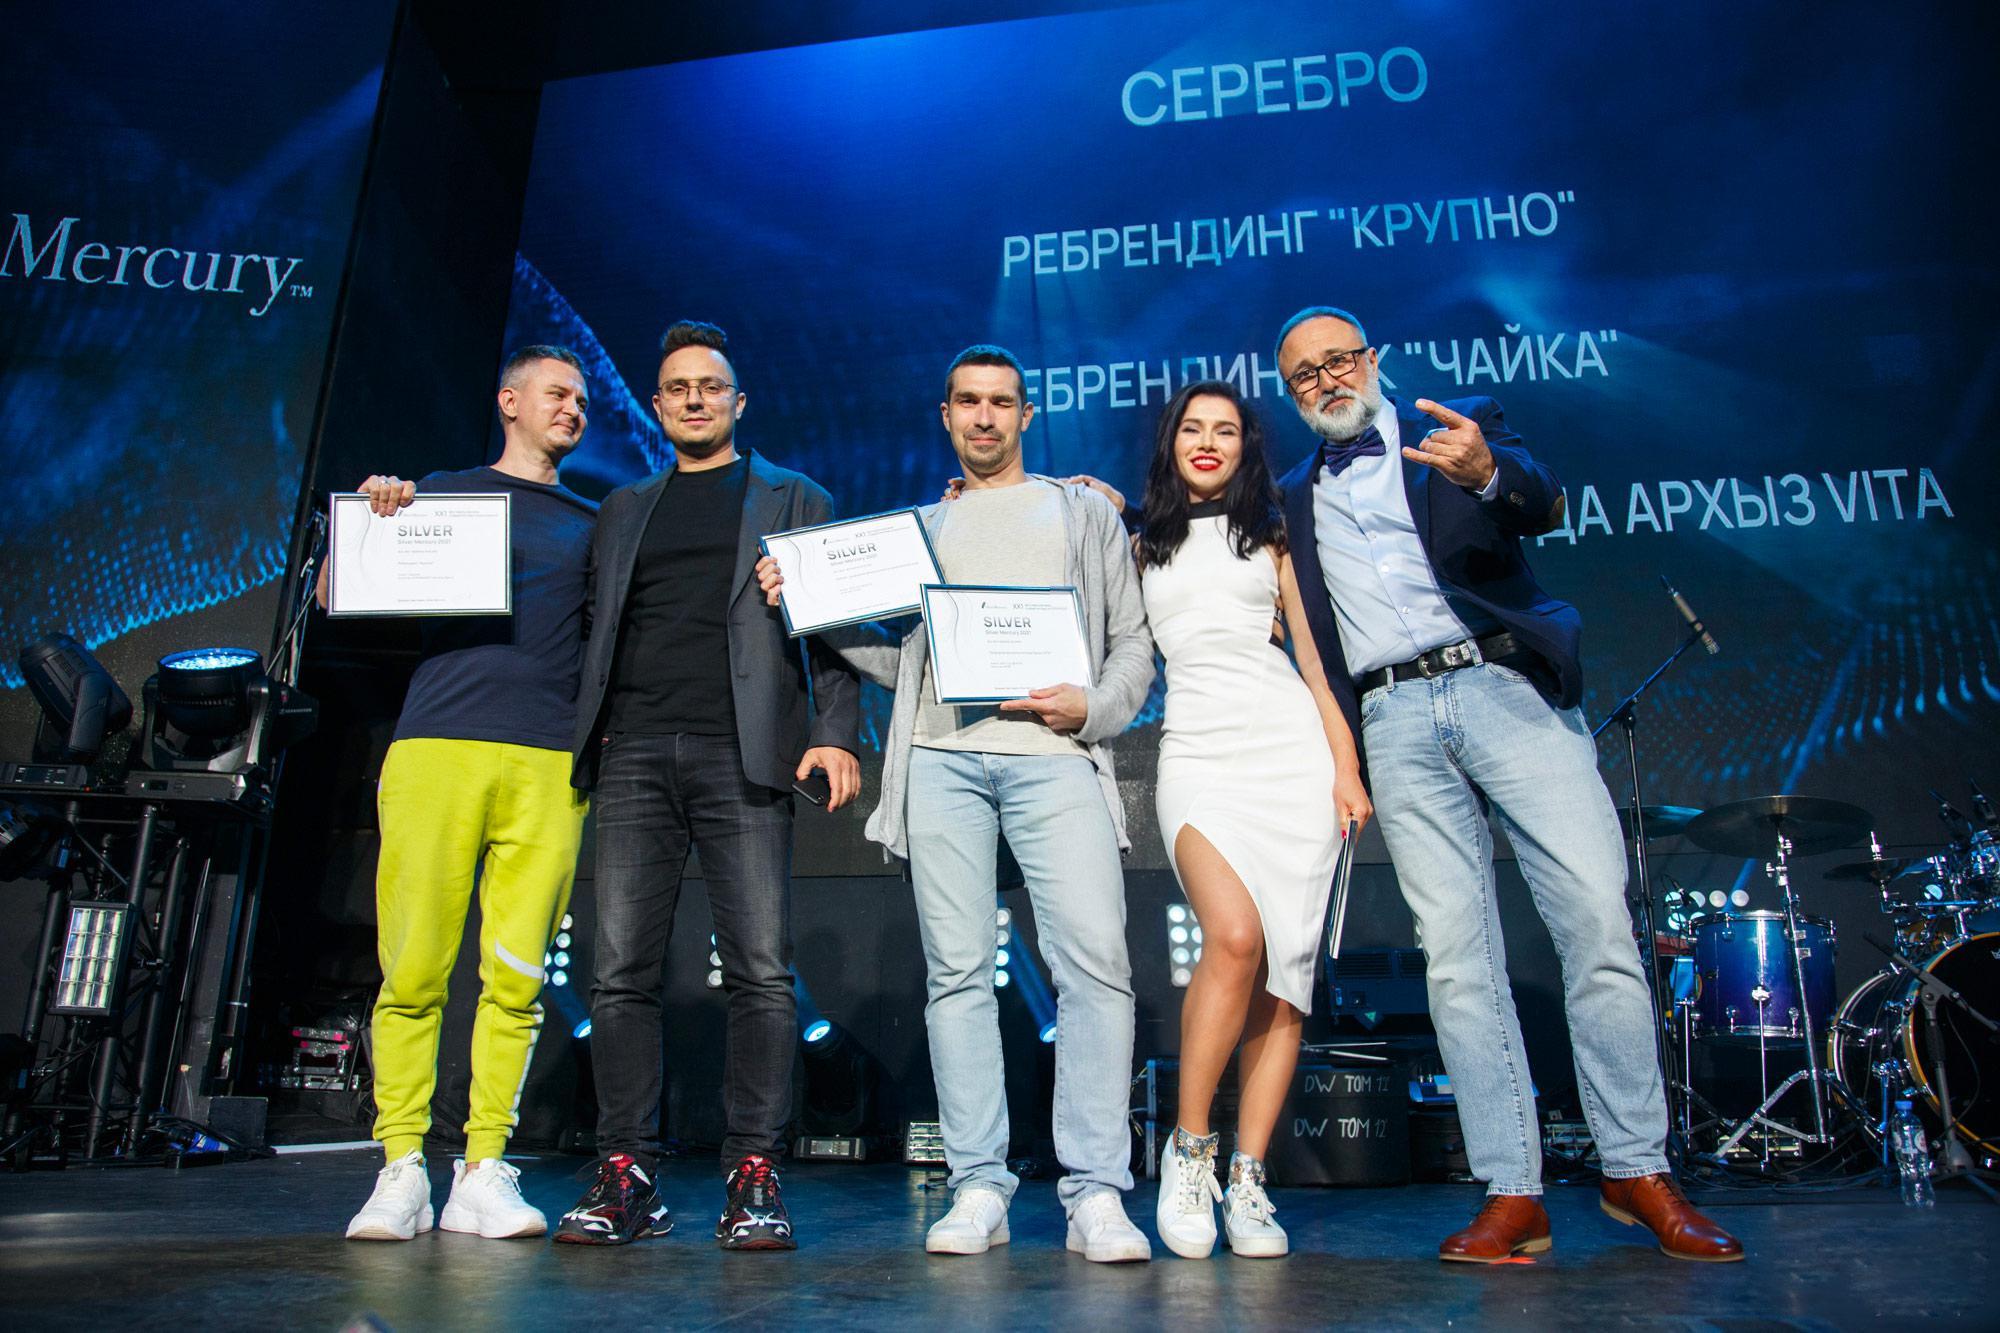 Валерия Репина на церемонии награждения премии Silver Mercury